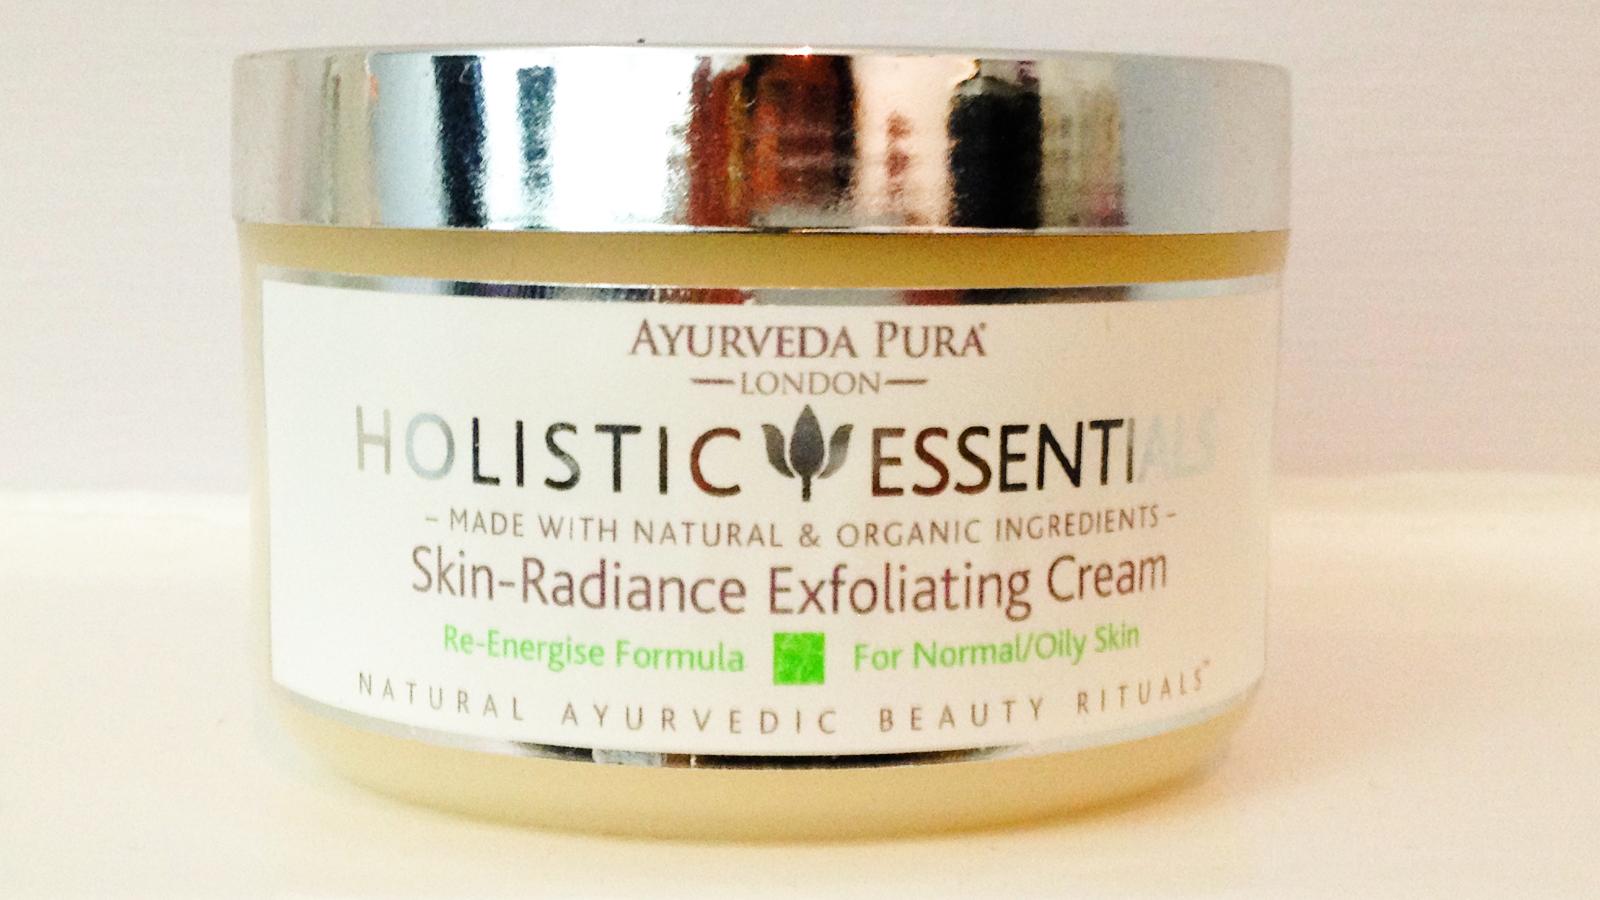 Ayurveda-Pura-Holistic-Essentials-Skin-Radiance-Exfoliating-Cream